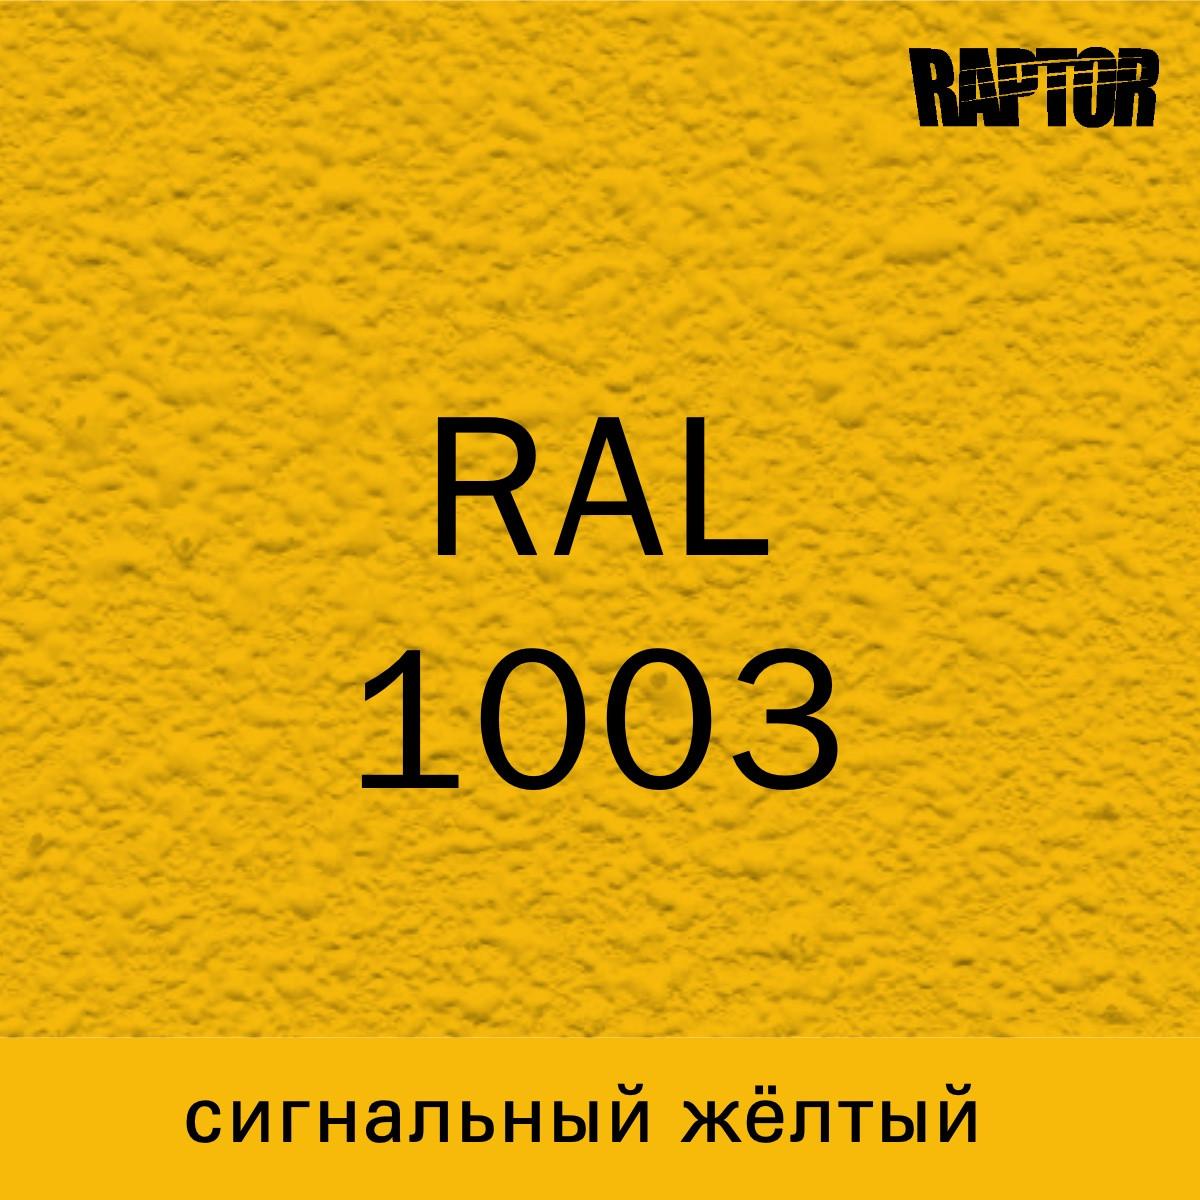 Пигмент для колеровки покрытия RAPTOR™ Сигнальный жёлтый (RAL 1003)